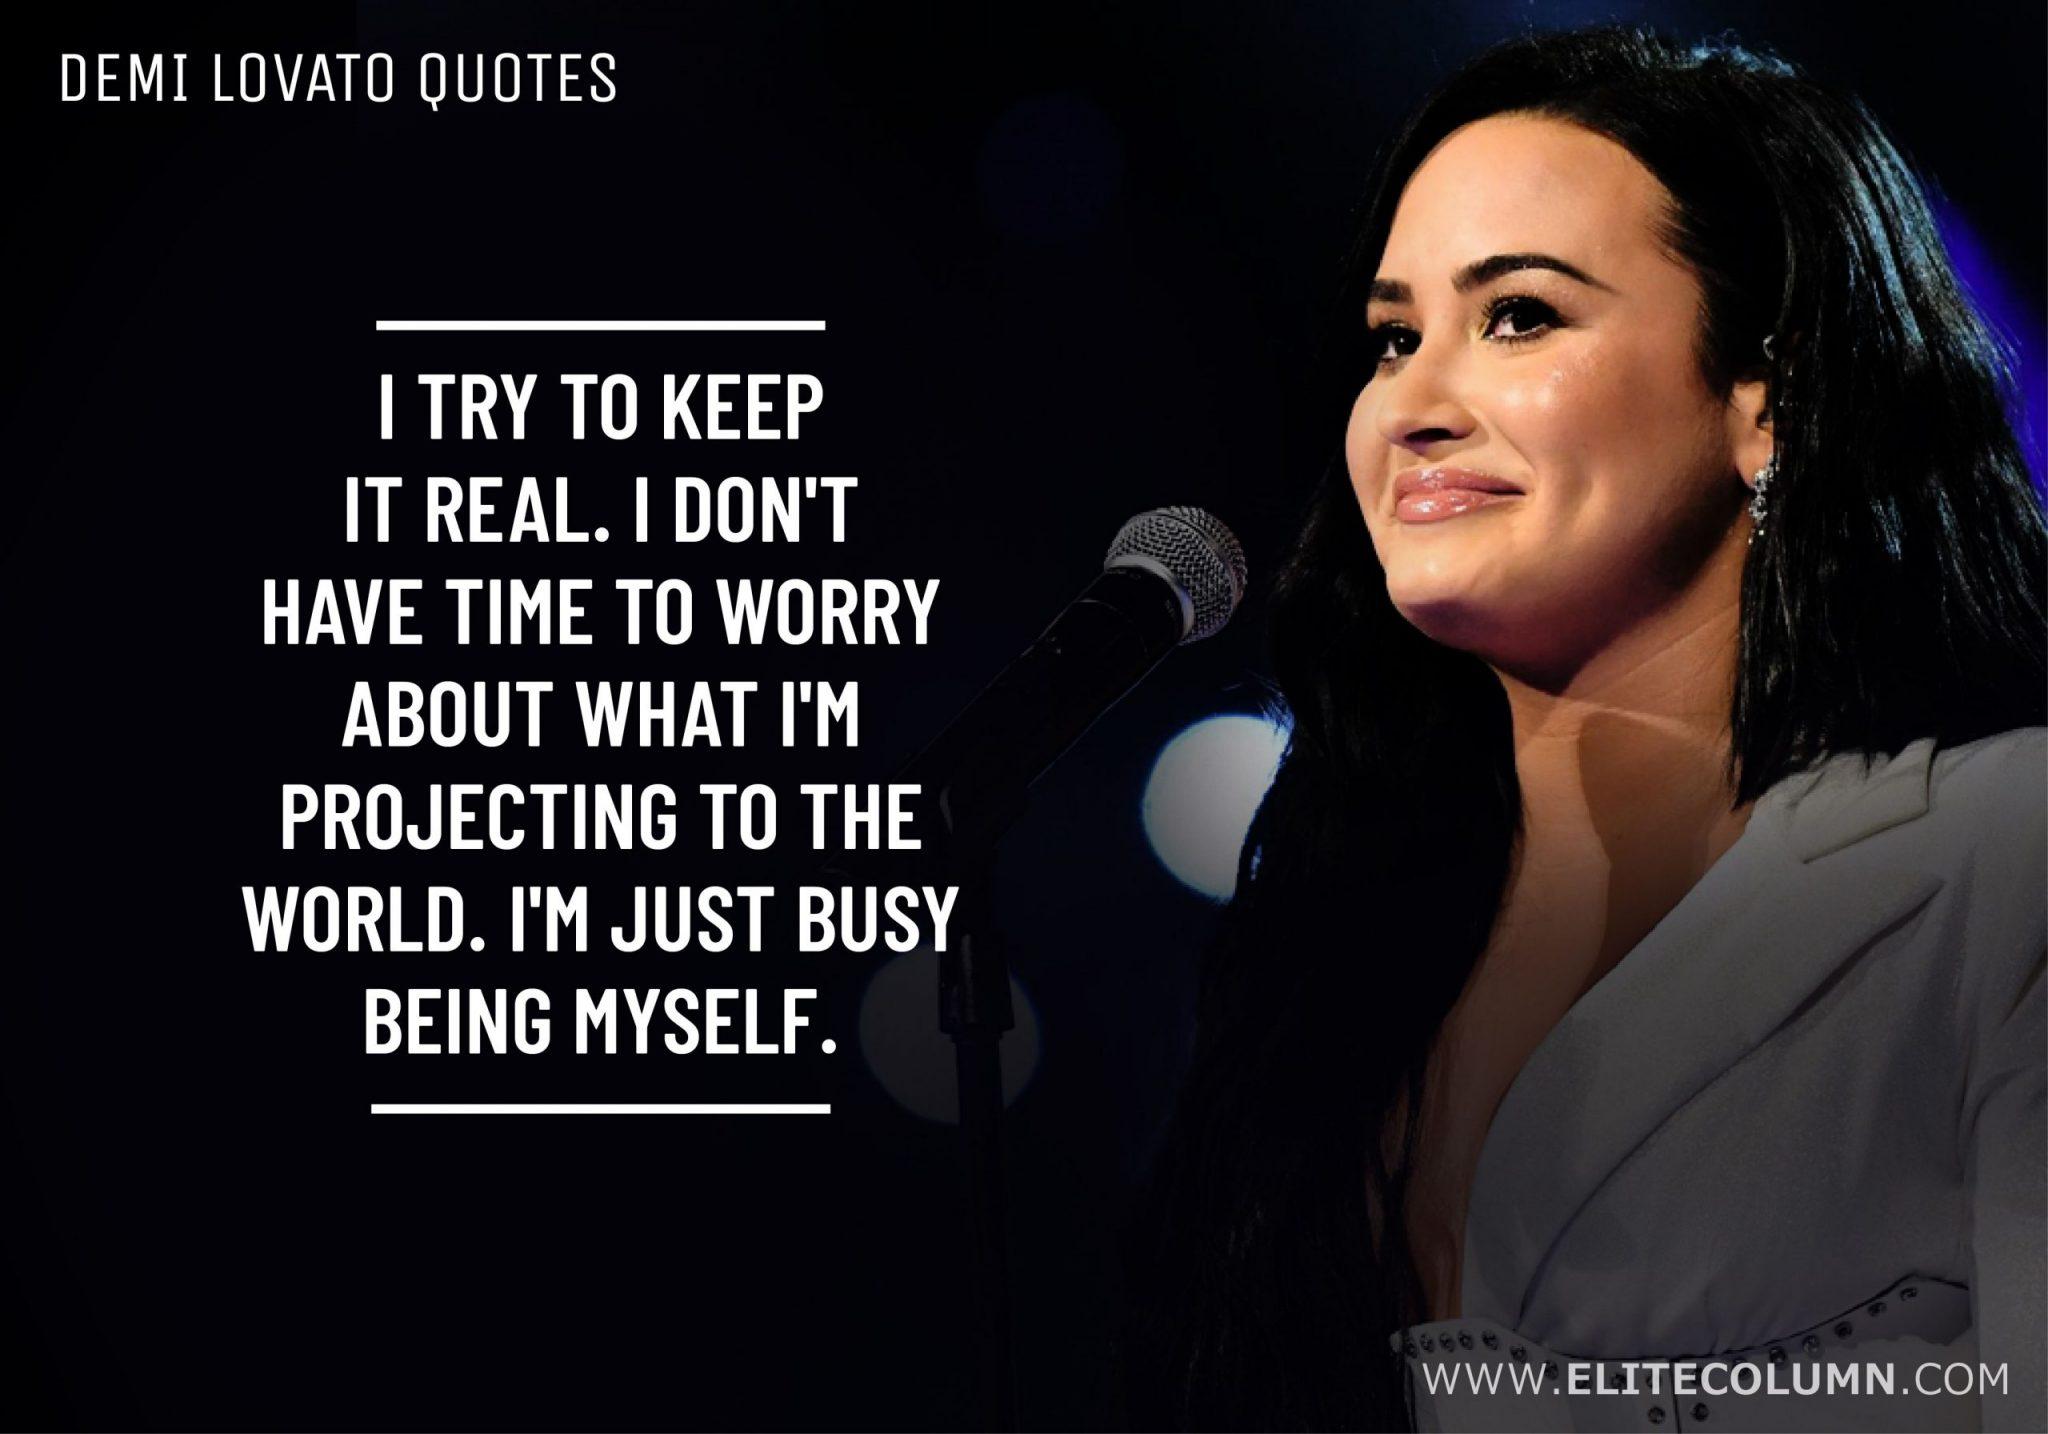 Demi Lovato Quotes (4)